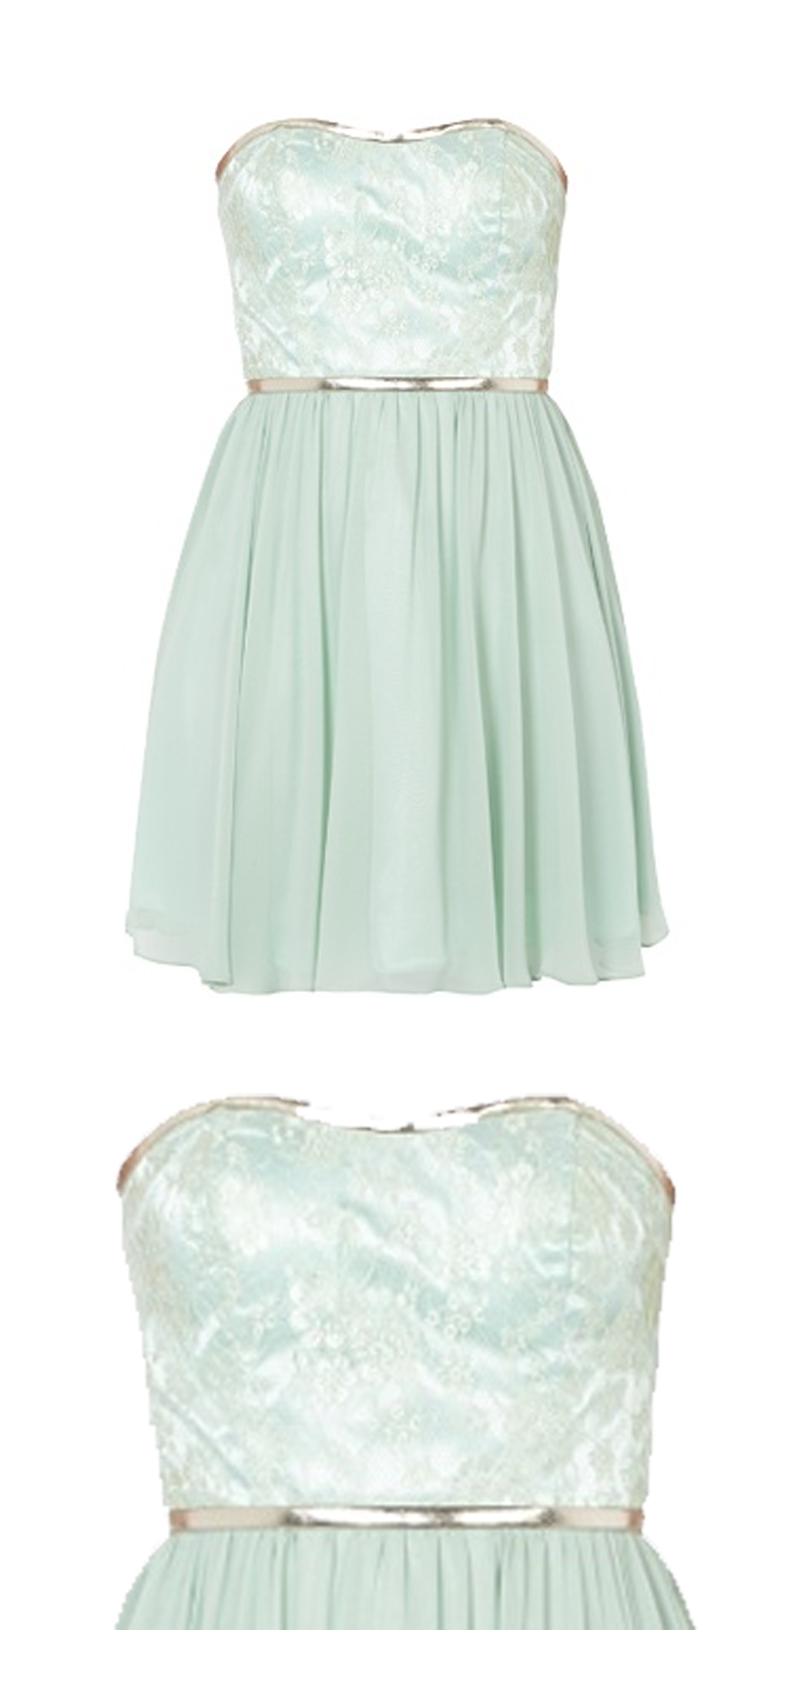 Wunderbares #Kleid im frischen #Mintton! ♥ ab 69,95€ | Pastel ...